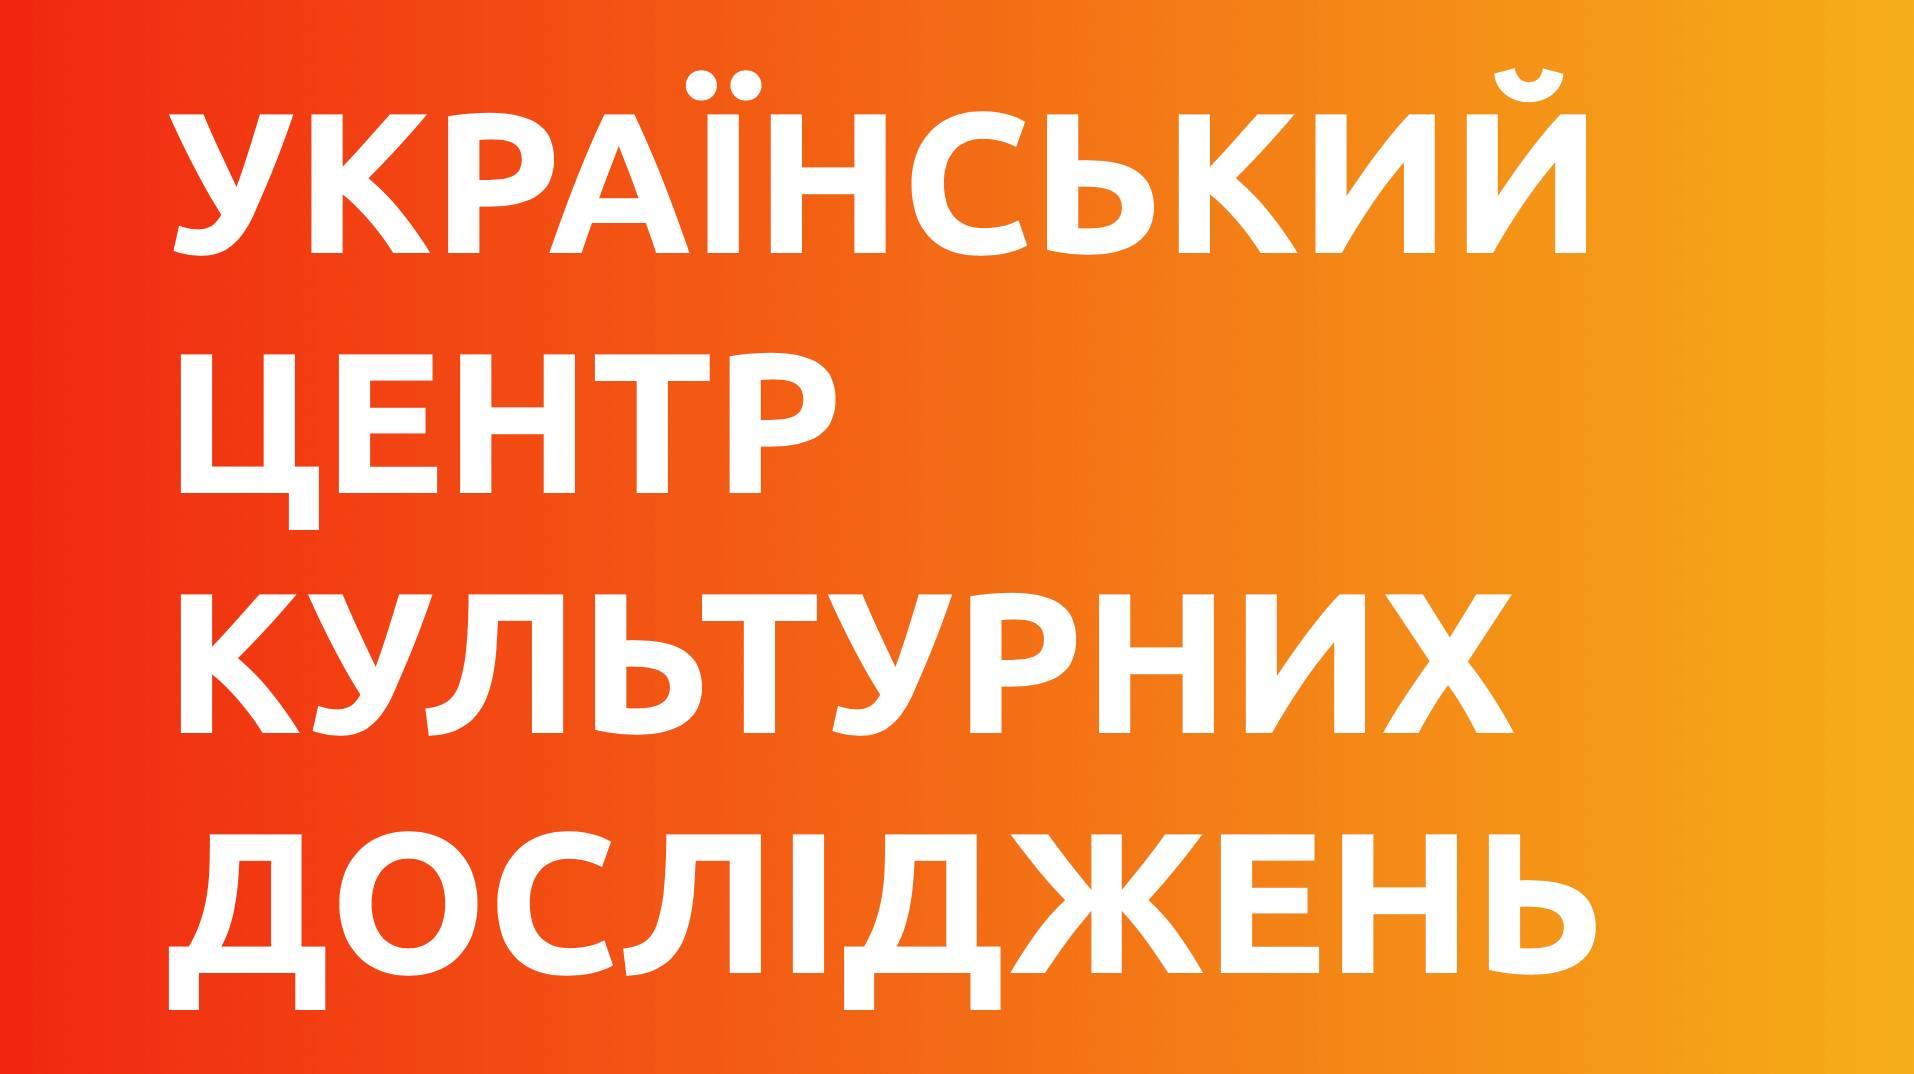 Український центр культурних досліджень